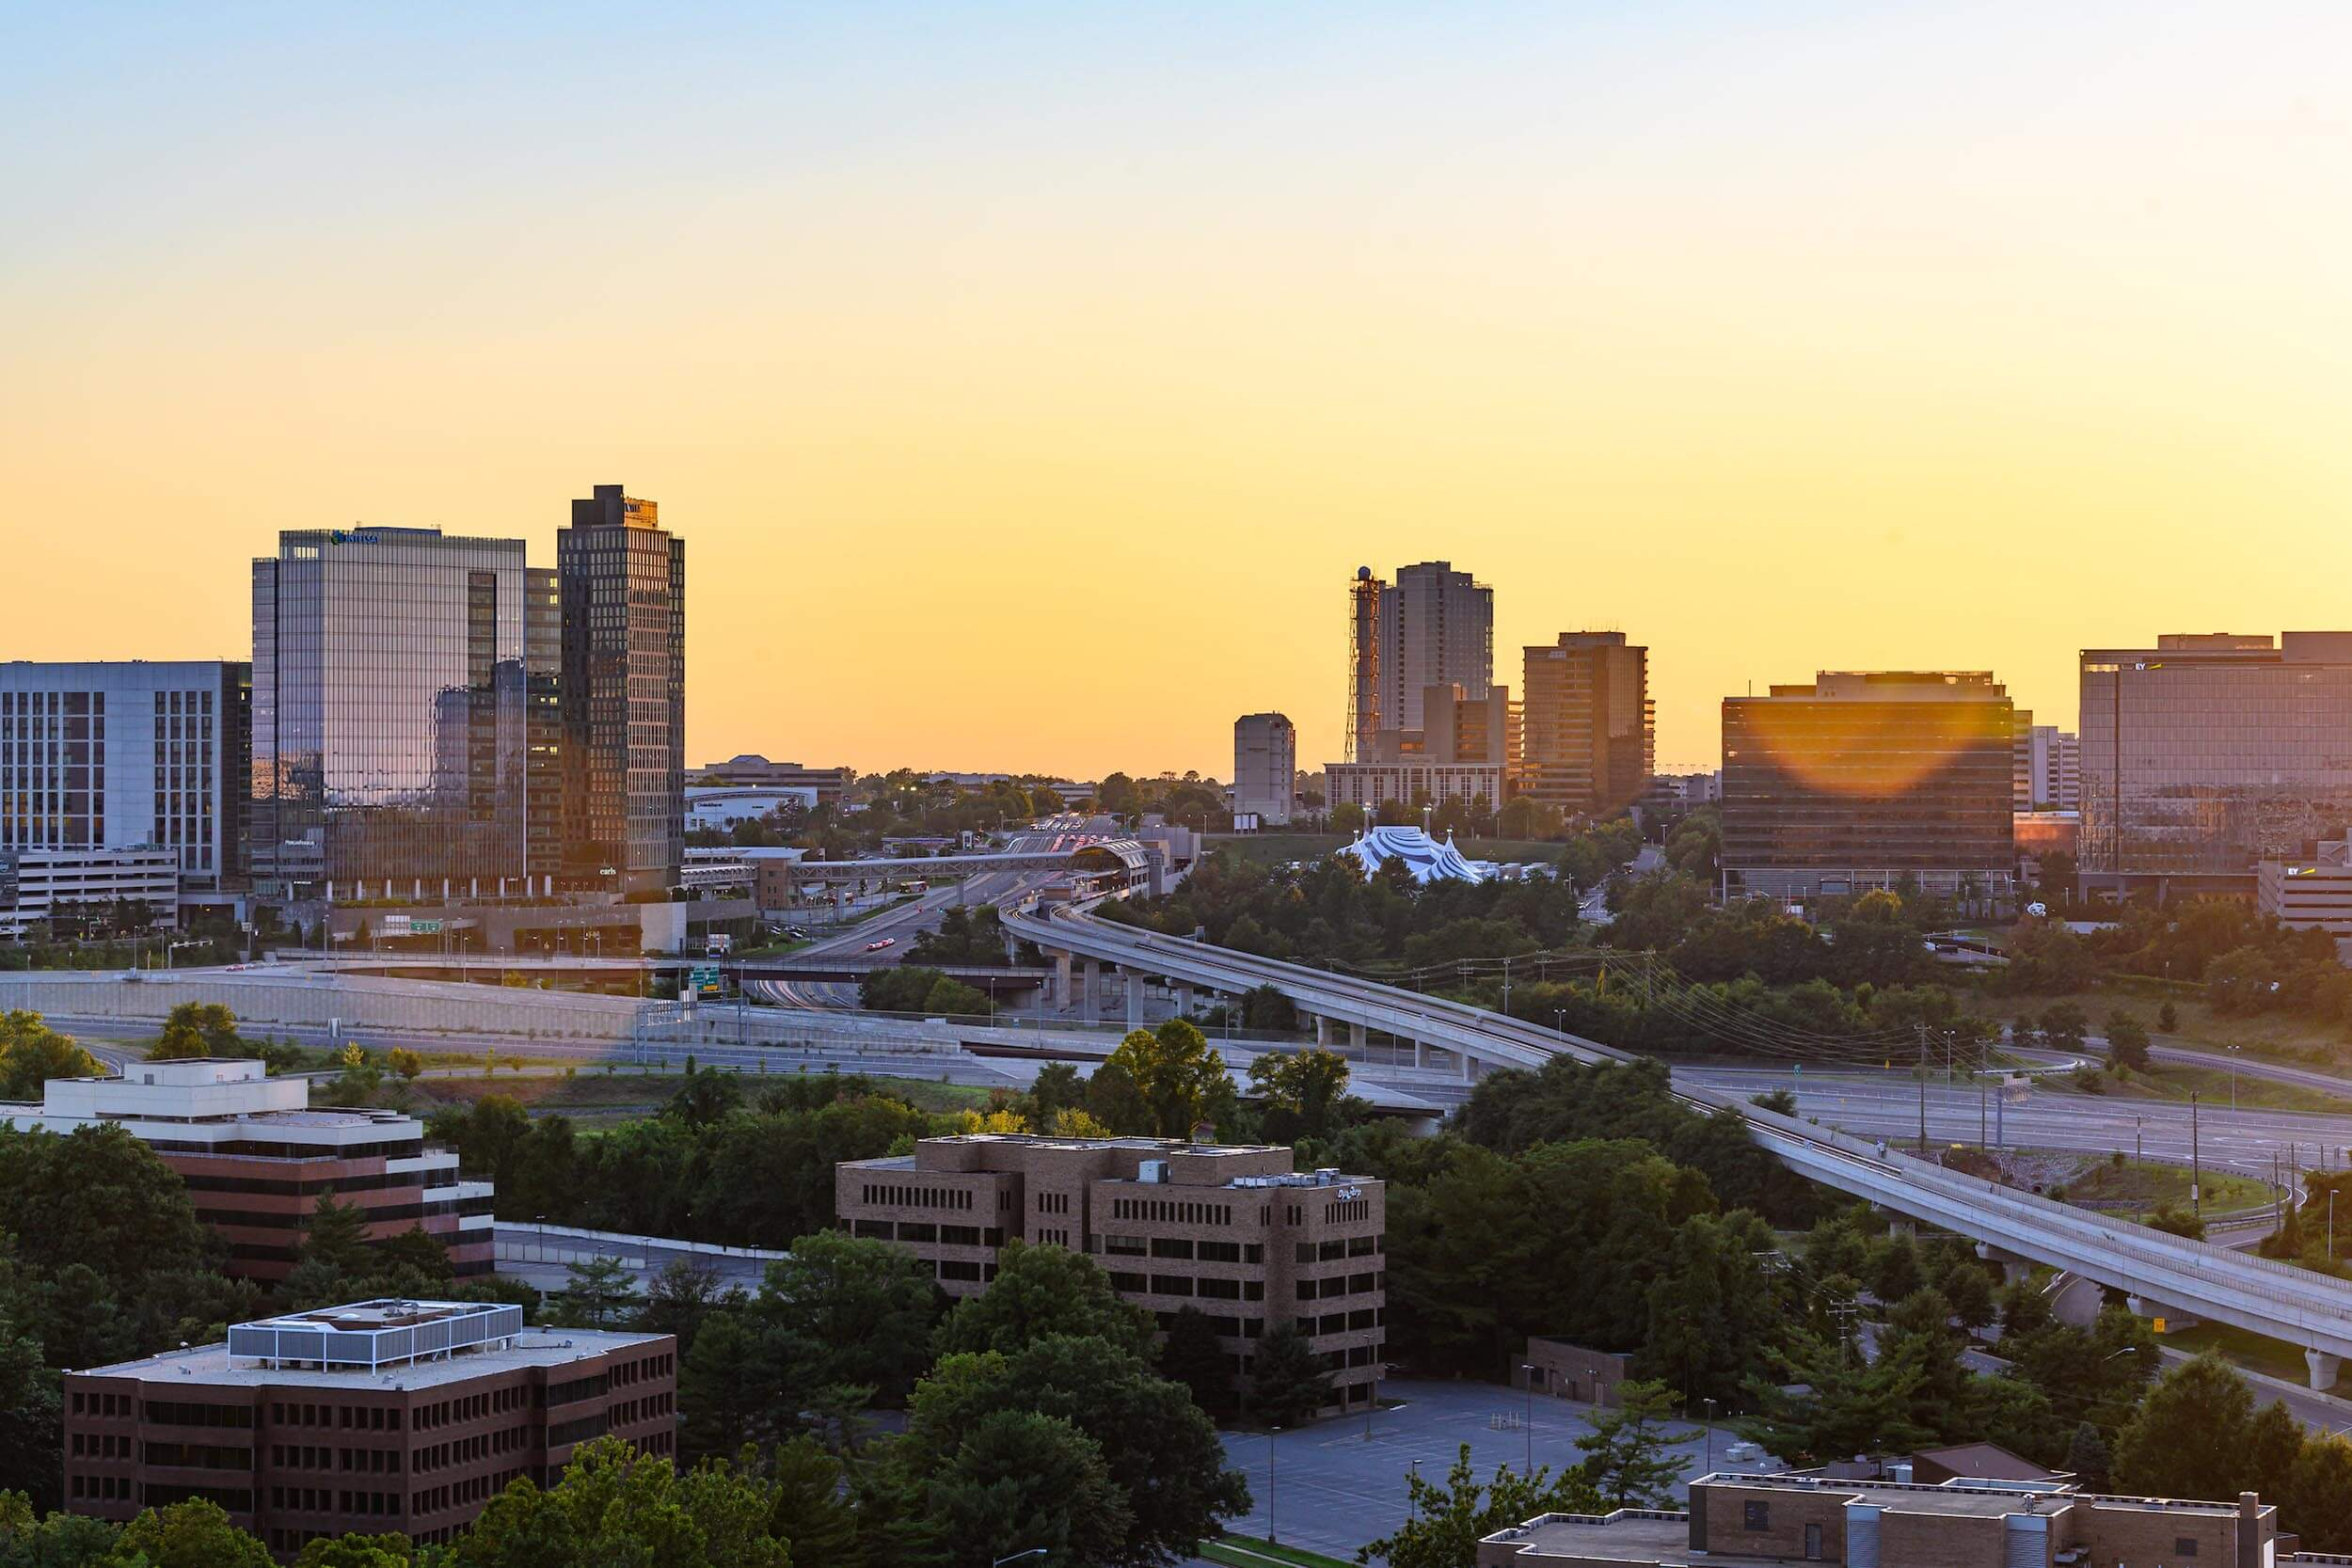 Fairfax region skyline during sunset